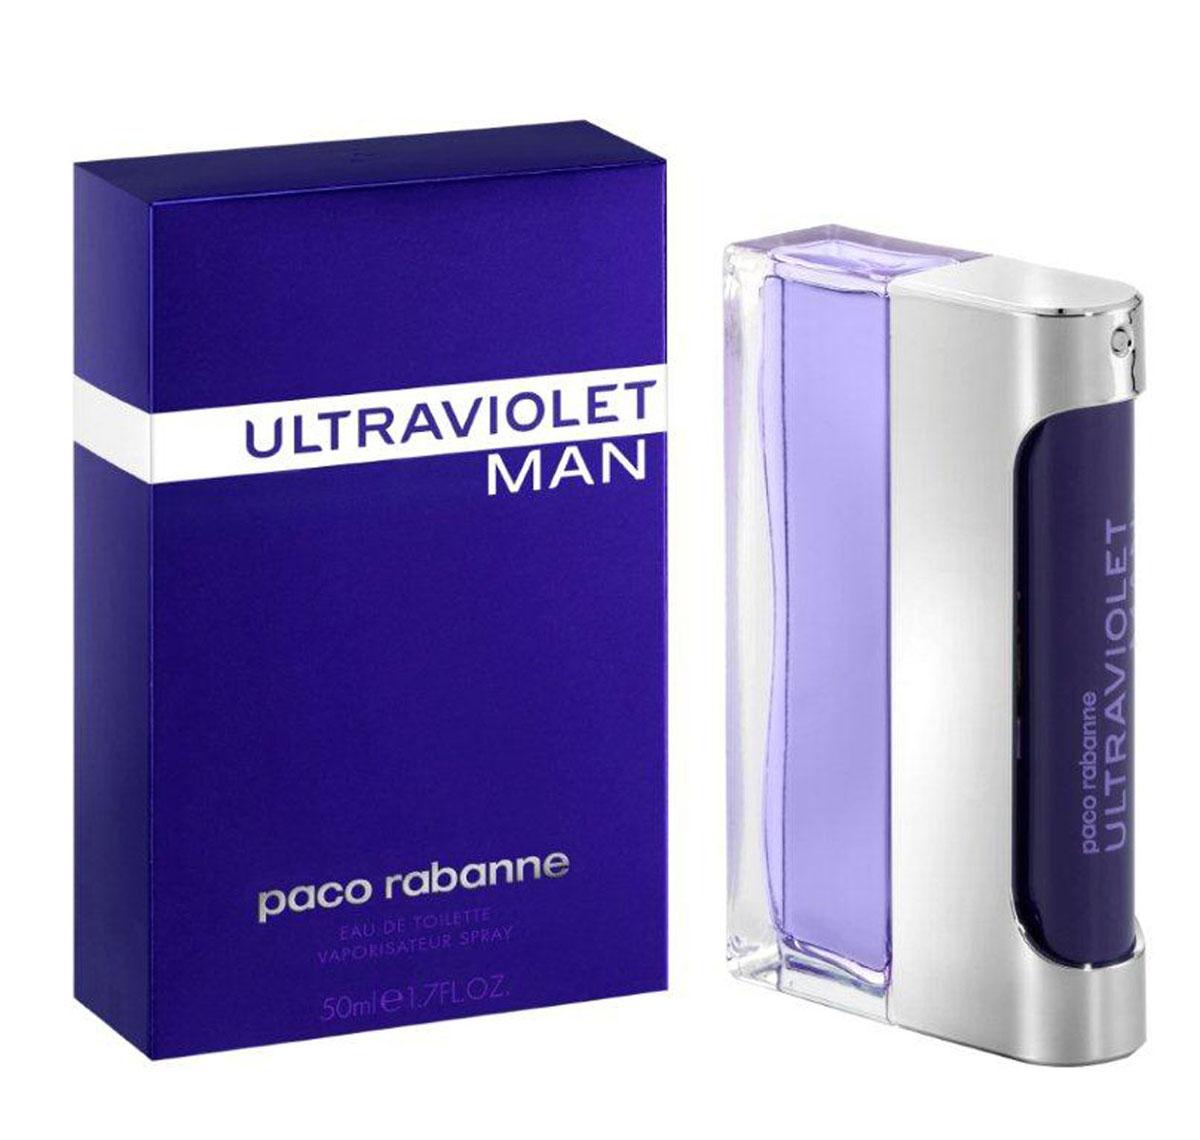 Paco Rabanne Туалетная вода Ultraviolet Man, мужская, 50 мл3349666010525Герой аромата Ultraviolet от Paco Rabanne ценит новые технологии и не боится отличаться от других. Его привлекает только лучшее. Свежий, древесный, амбровый аромат, олицетворяющий истинно мужскую чувственность, был воссоздан благодаря технологии NATURE PRINT. Сначала аромат раскладывают на молекулы и анализируют, затем идентифицируют и с точностью воссоздают наиболее чистые, устойчивые, лучшие ноты. Начальные ноты аромата – это жидкая мята. Ноты сердца звучат органическим ветивером и кристаллическим мхом. Базовые ноты – это серая амбра. Верхняя нота: Русский кориандр, итальянская мята. Средняя нота: Черный перец из Танзании, серая амбра. Шлейф: Пачули из Индонезии, дубовый мох. Руский кориандр, итальянская мята - яркие неземные аккорды аромата.